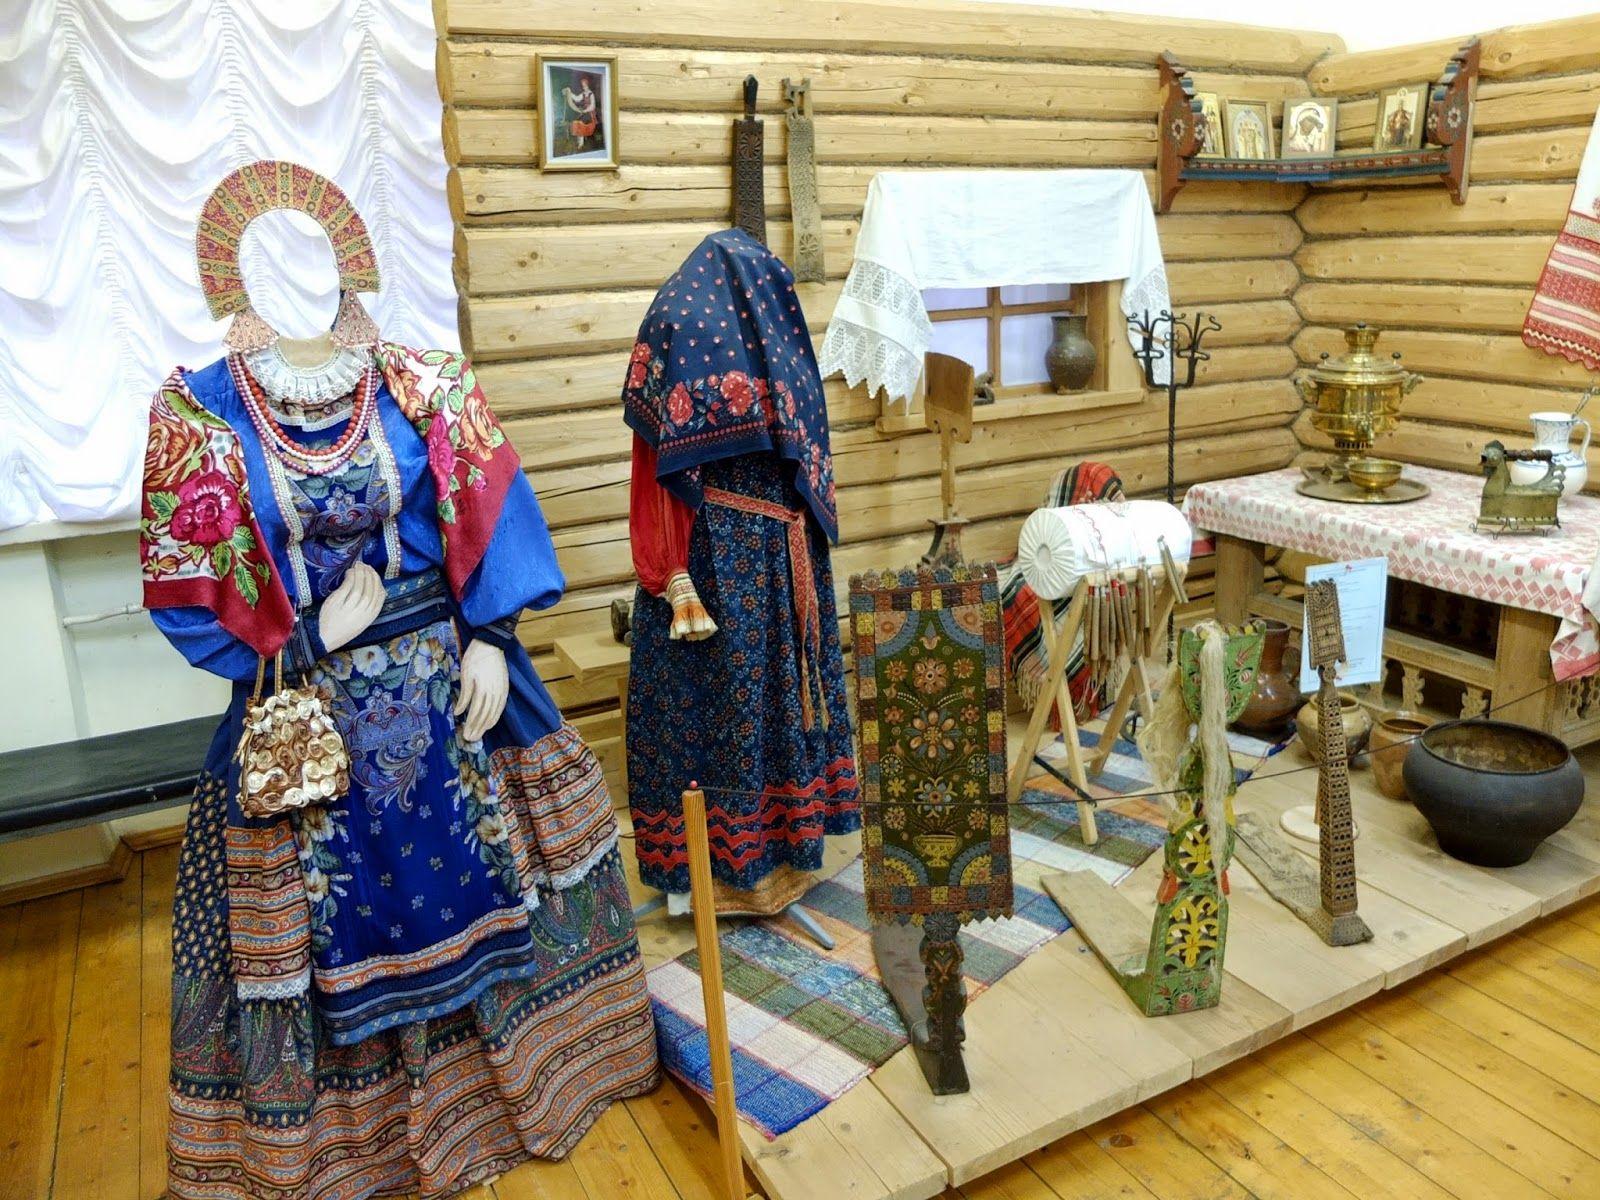 Souvenirs y regalos de Rusia - Lana Pabloski